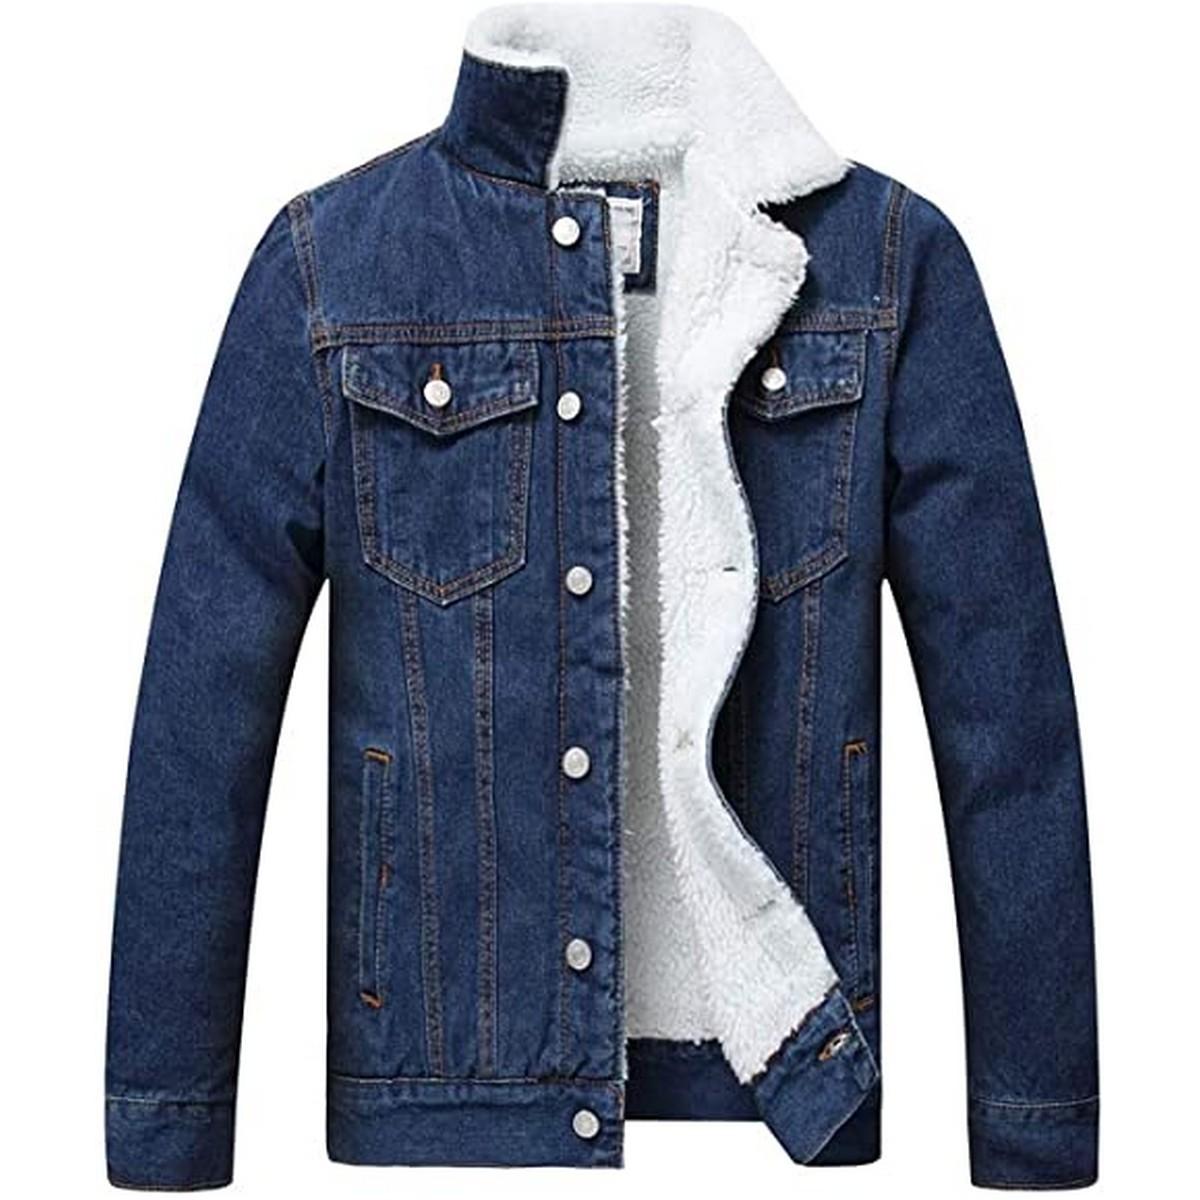 Stylish Denim Blue Jacket For Men JK-001